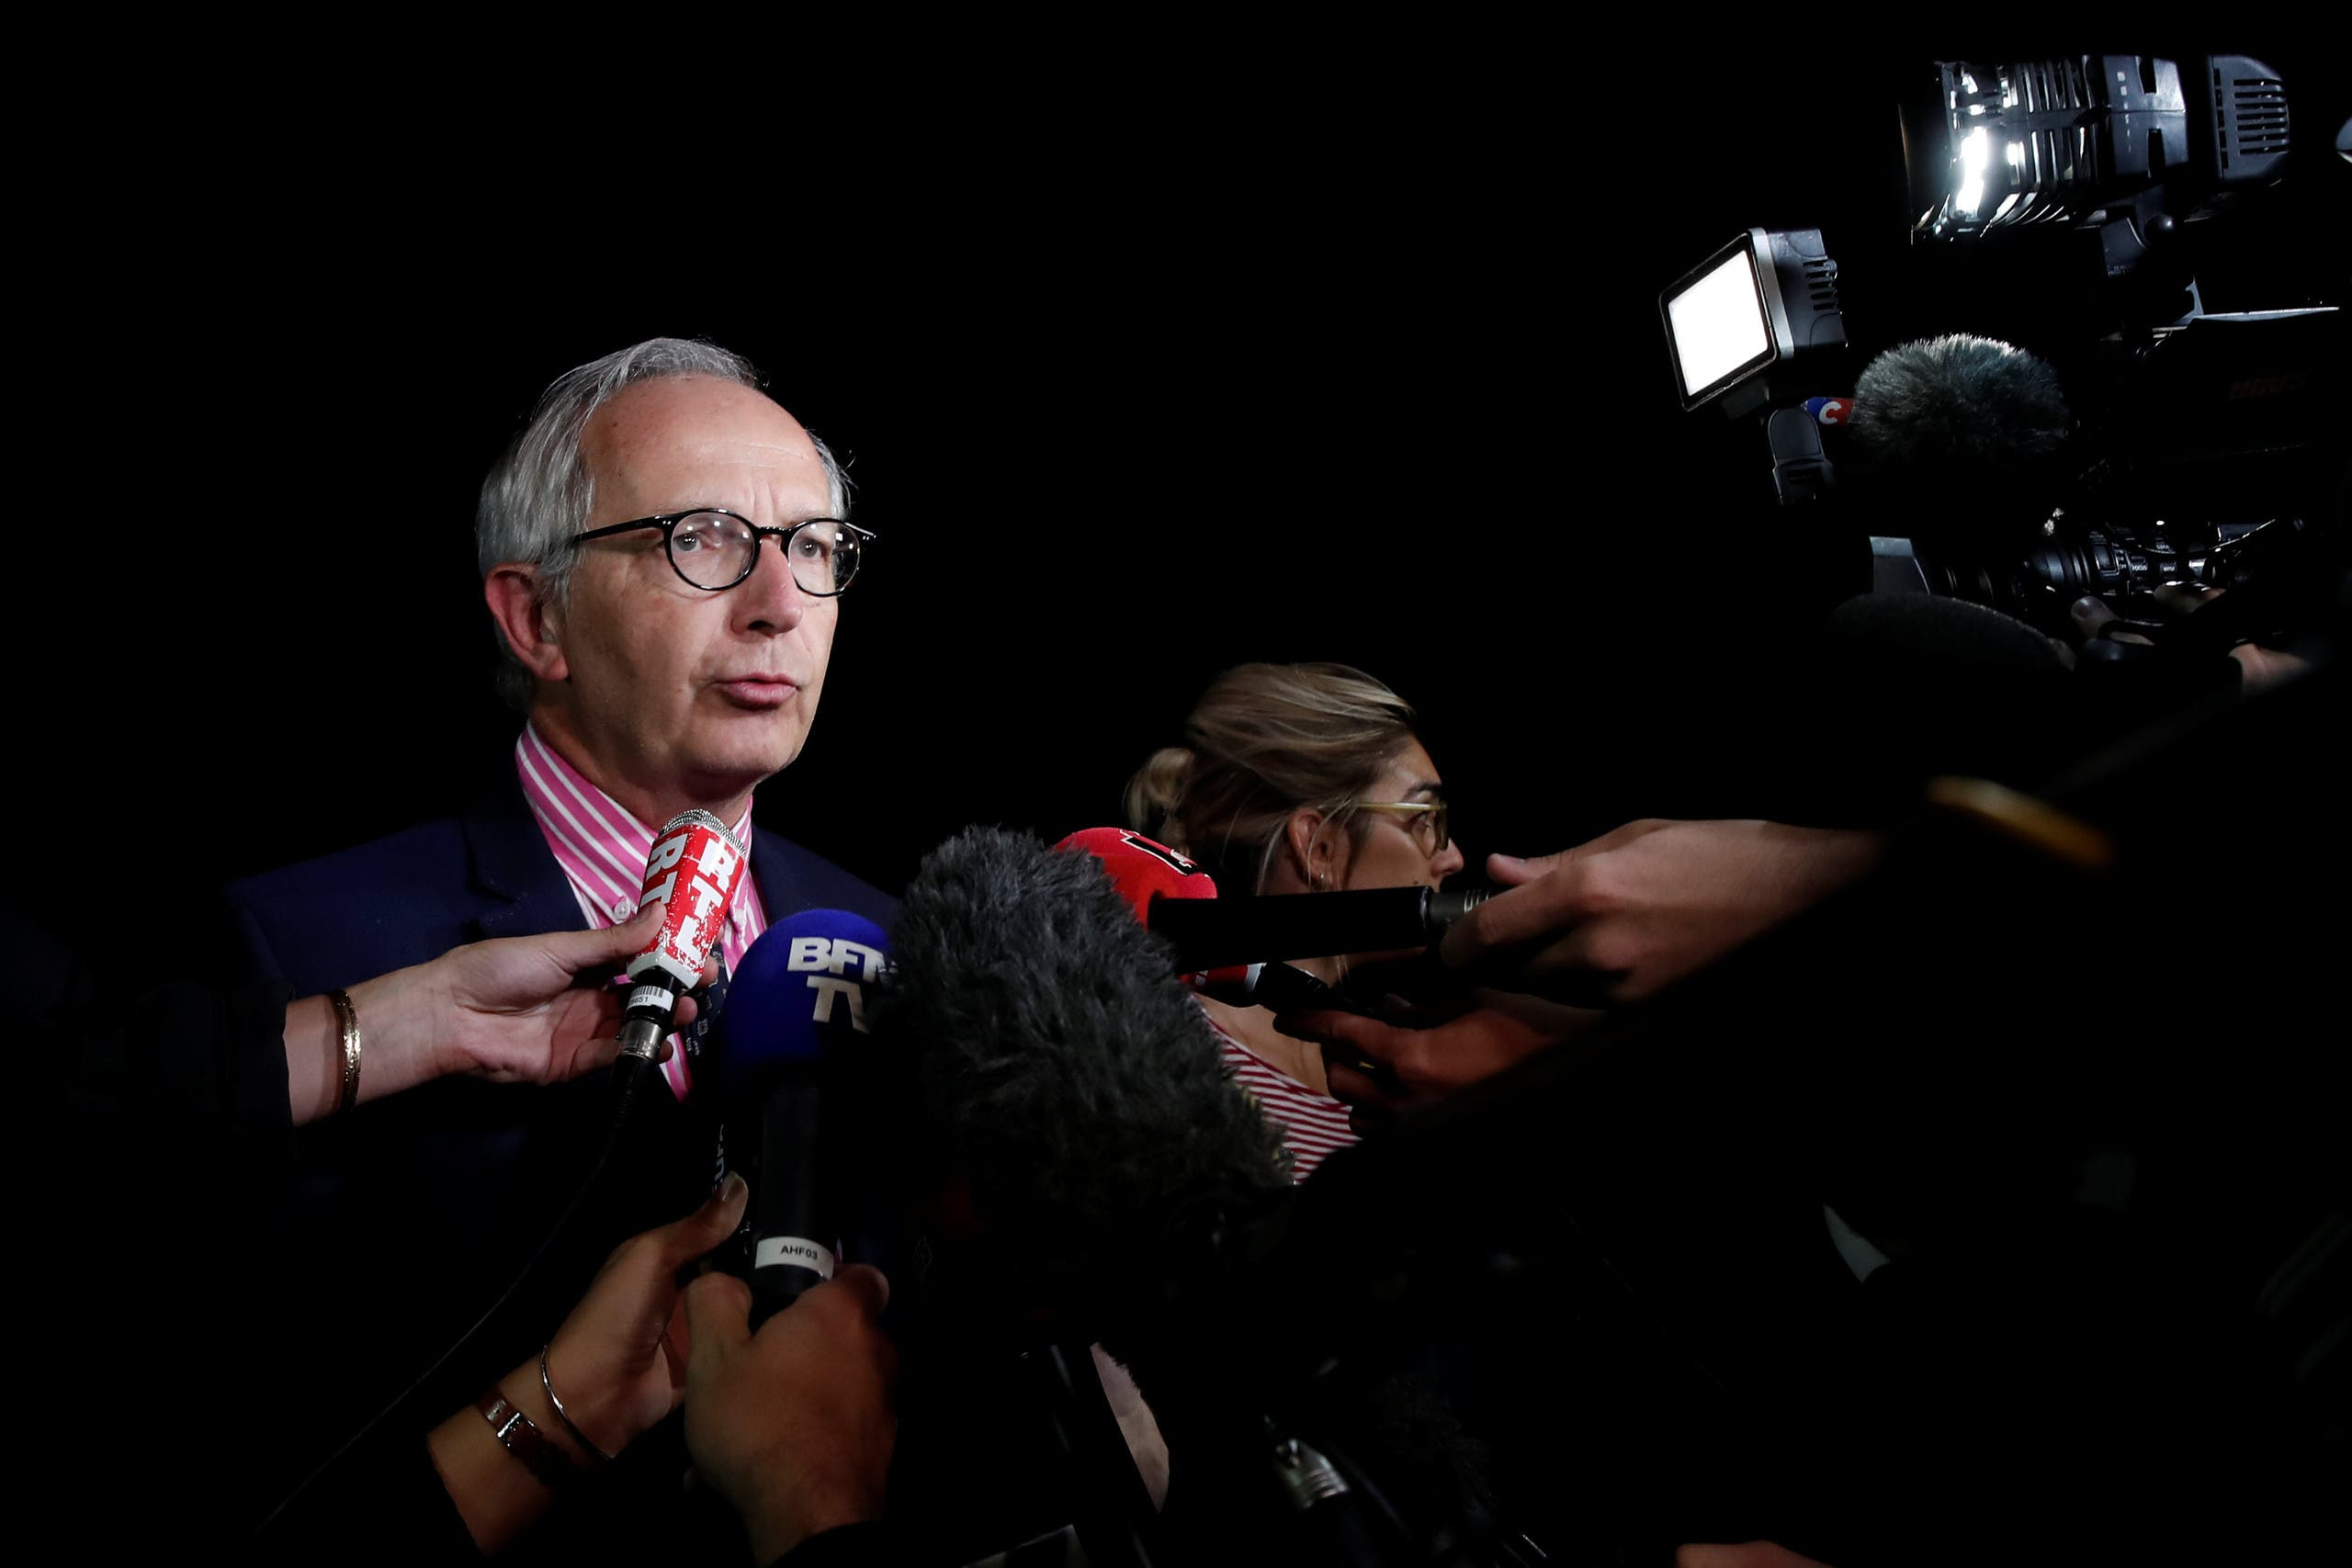 ممثل الادعاء الفرنسي يتحدث للصحافيين